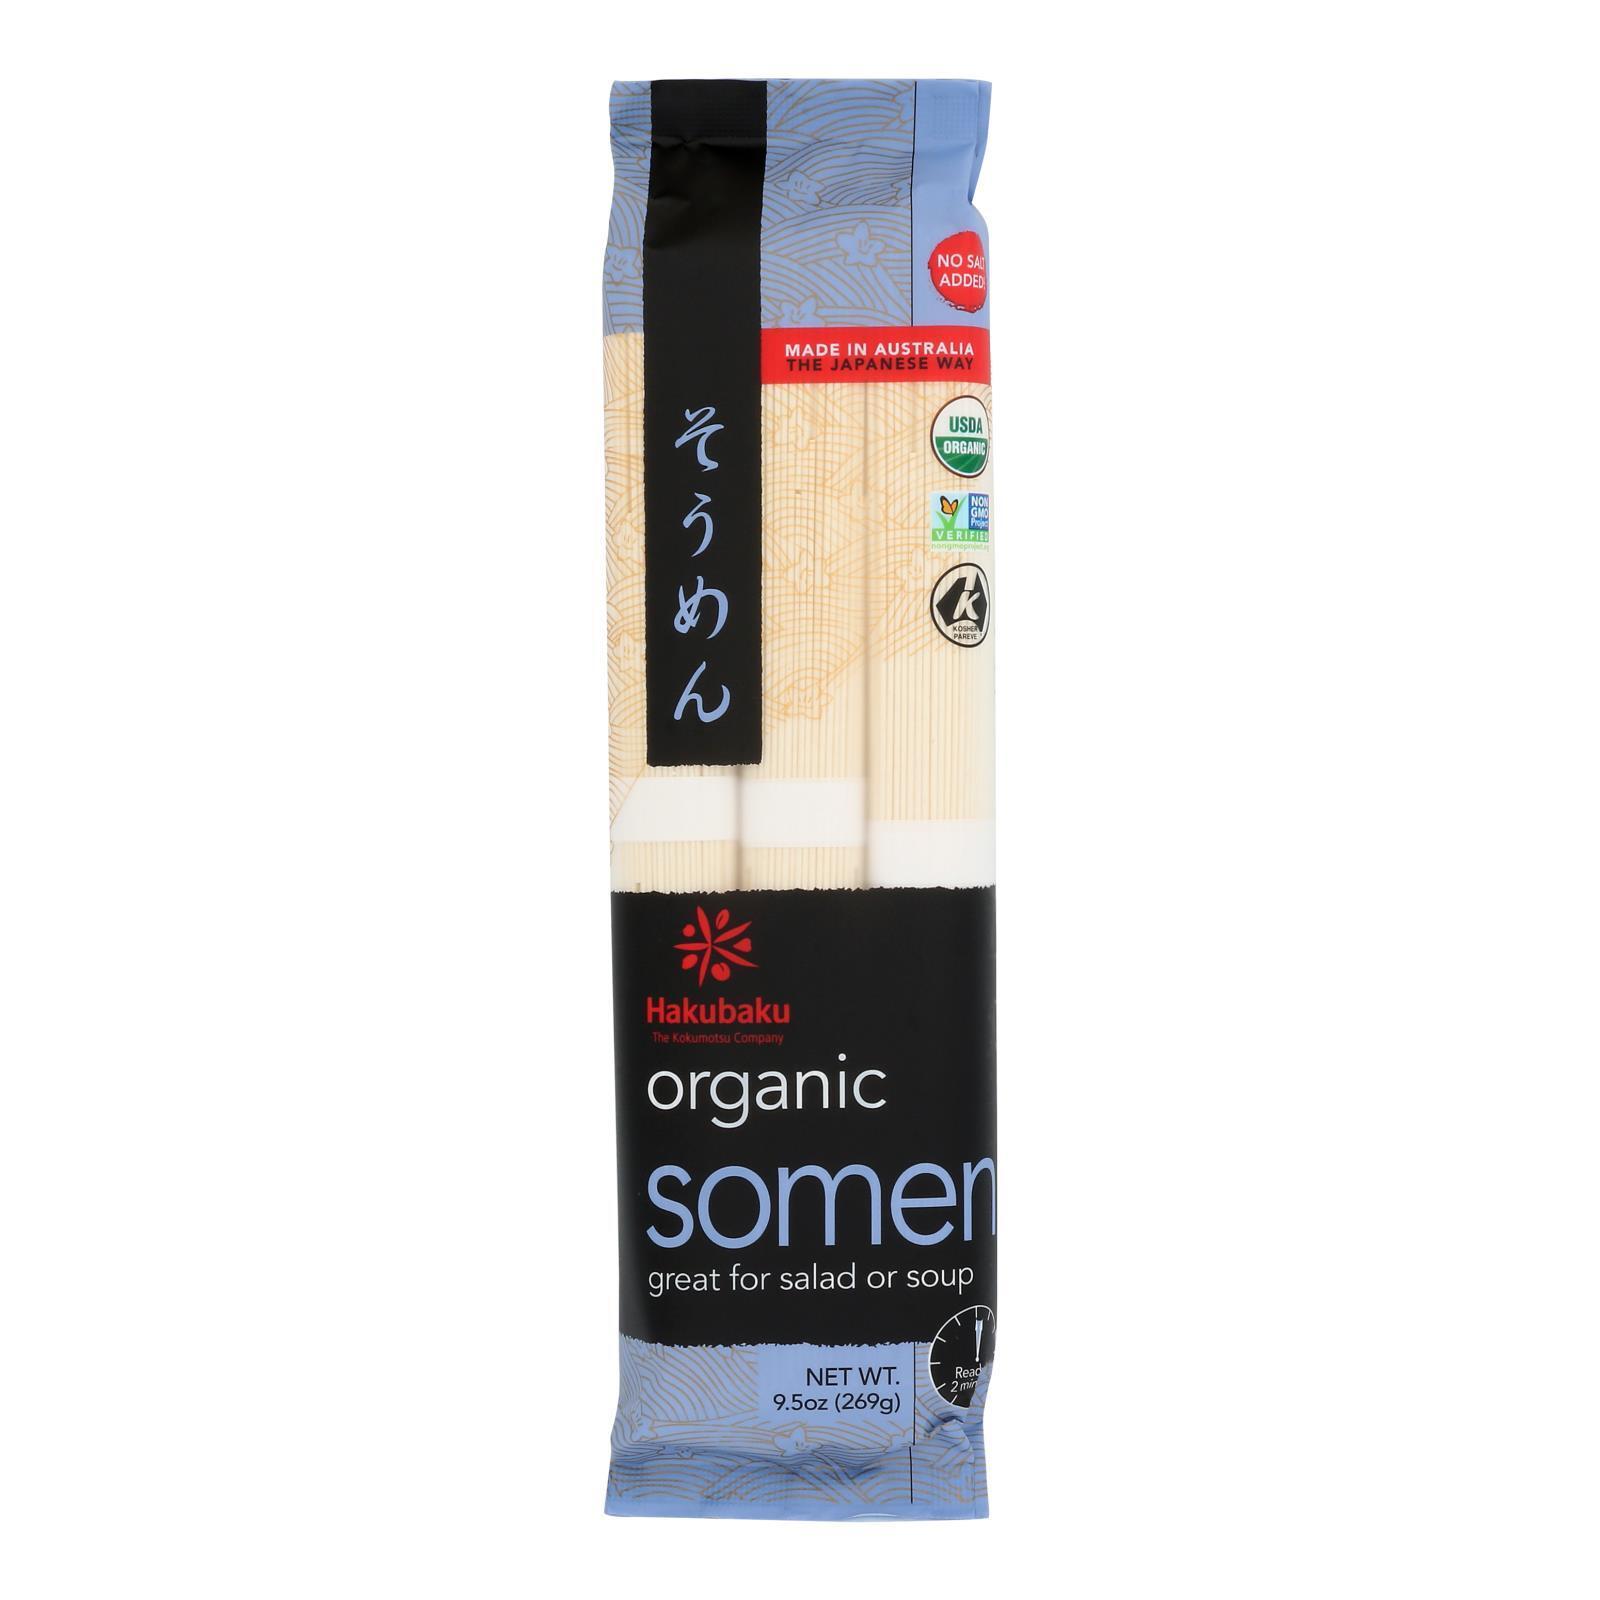 Hakubaku 100% Organic Noodles - Somen - Case of 8 - 9.52 oz